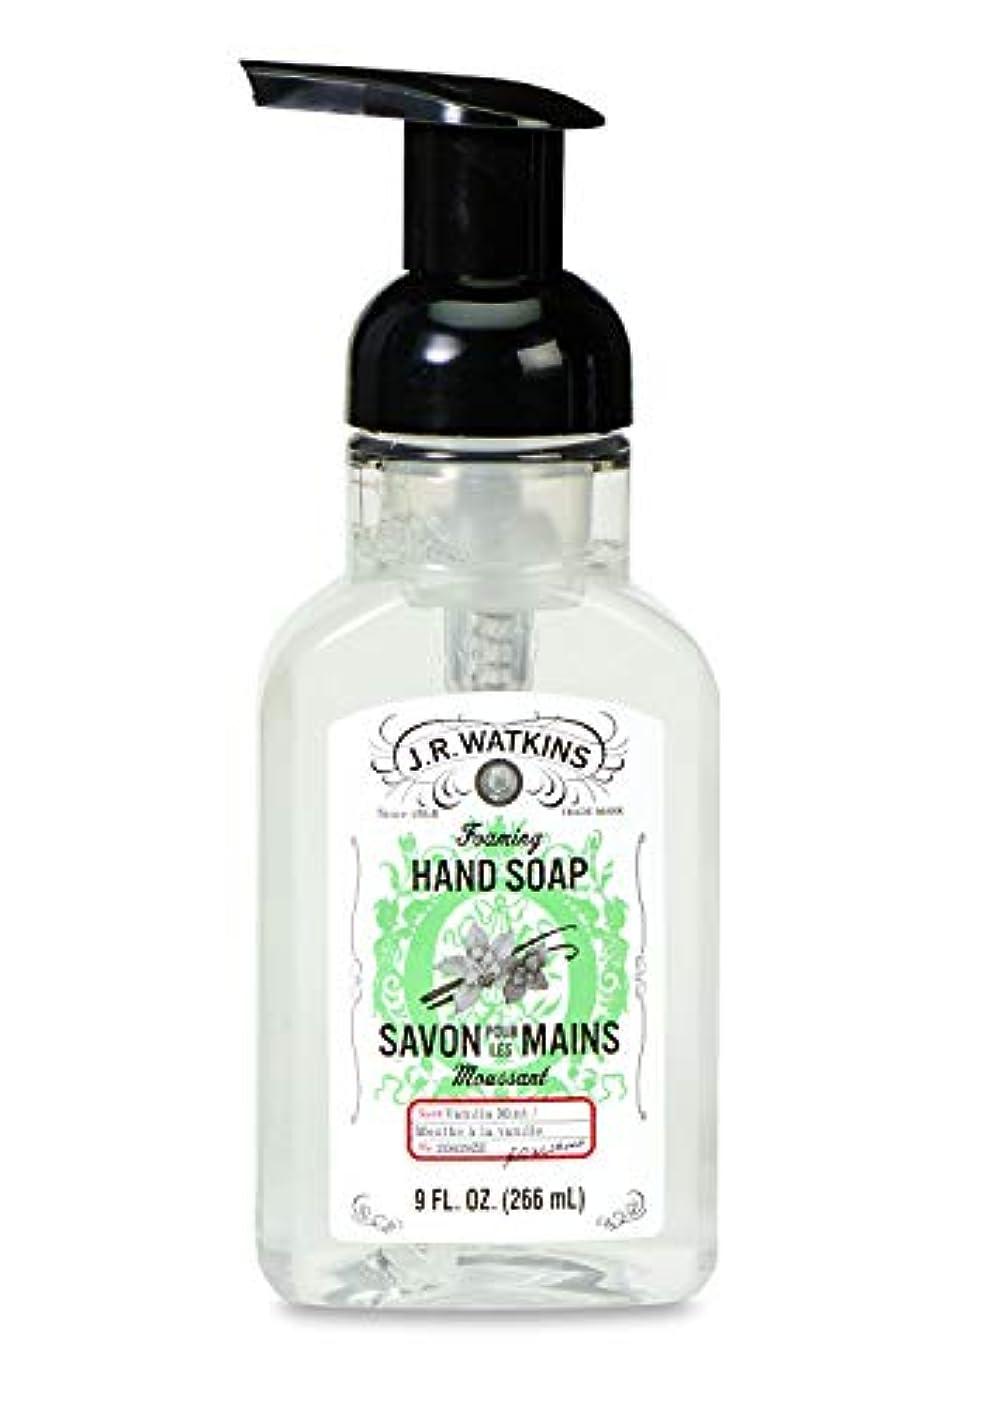 統計的印象的反論J.R.Watkins/フォーミングハンドソープ バニラミント 266ml リラックス 石鹸 泡石鹸 植物由来 洗浄力